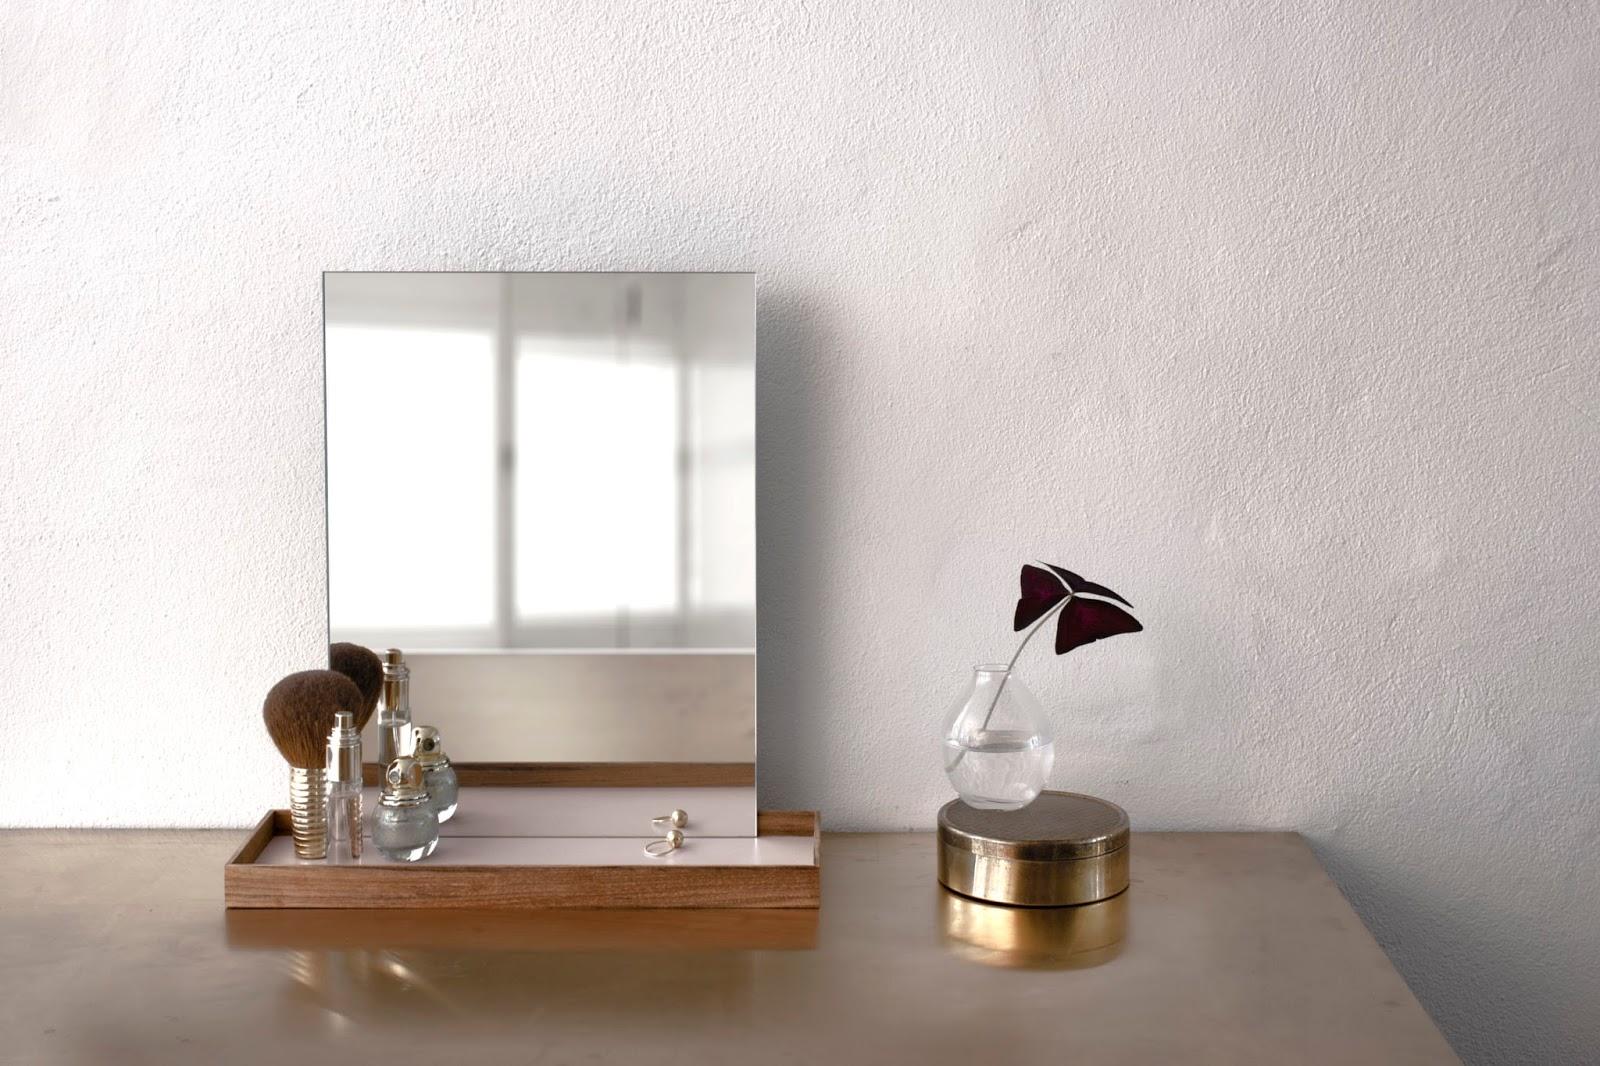 La petite fabrique de r ves miroir for Miroir zellige